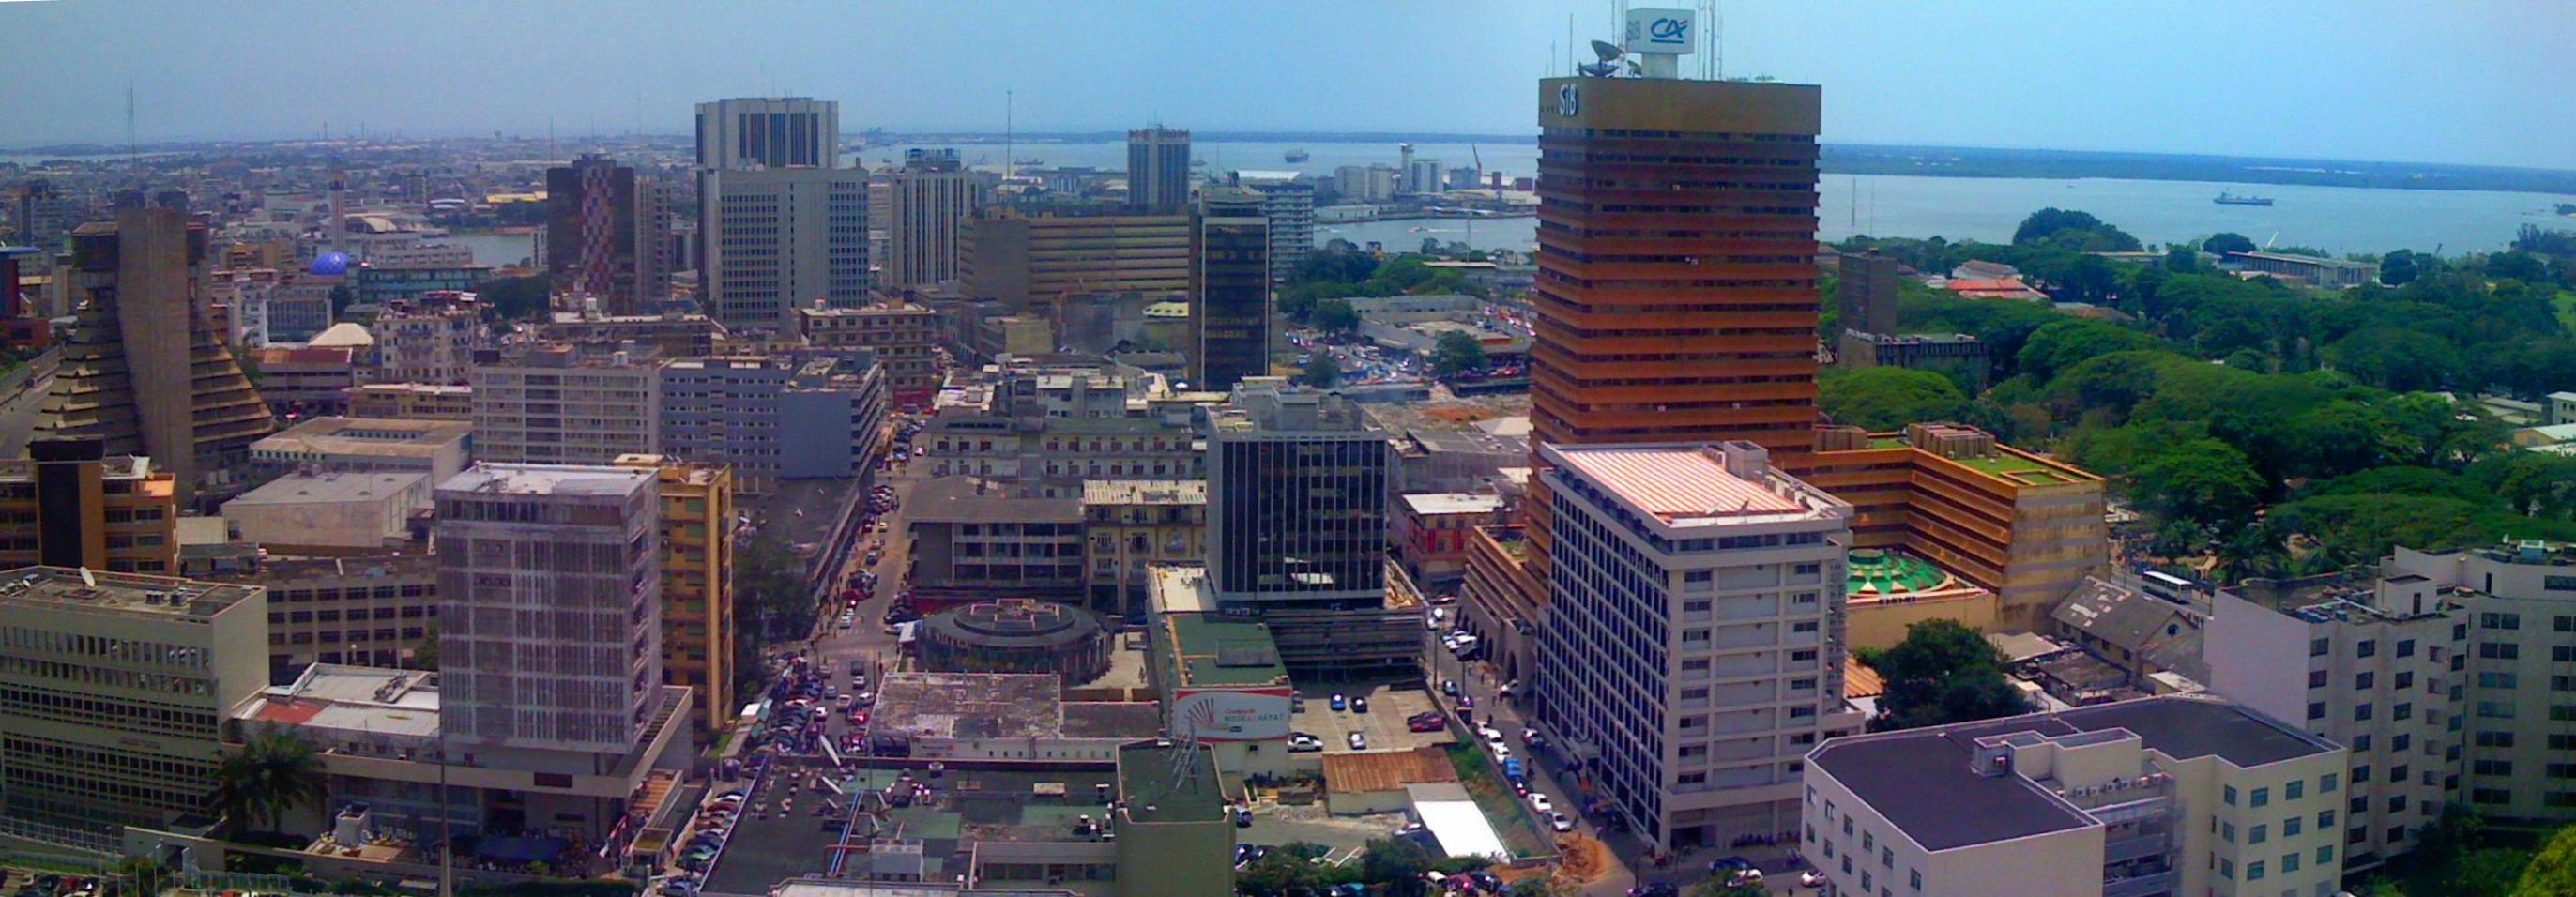 Quelques réflexions sur le rapport de l'Institut Montaigne « Prêts pour l'Afrique d'aujourd'hui ? »